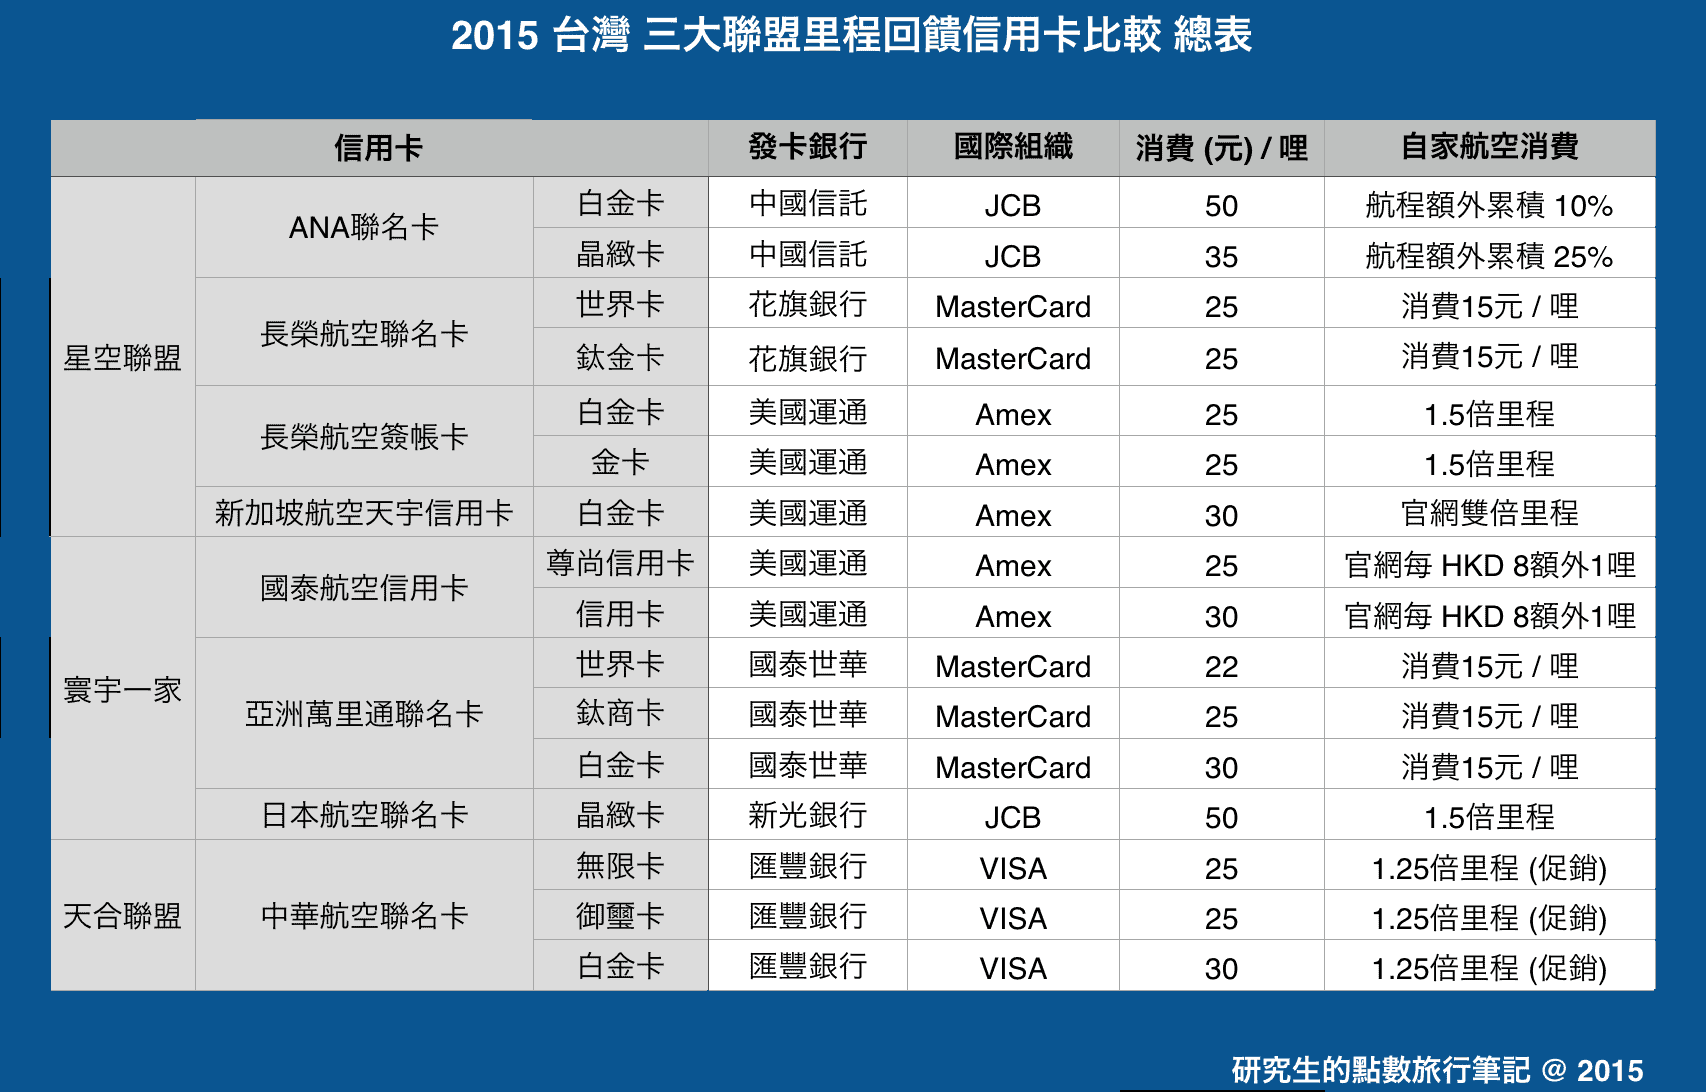 2015台灣三大聯盟里程回饋信用卡比較 總表